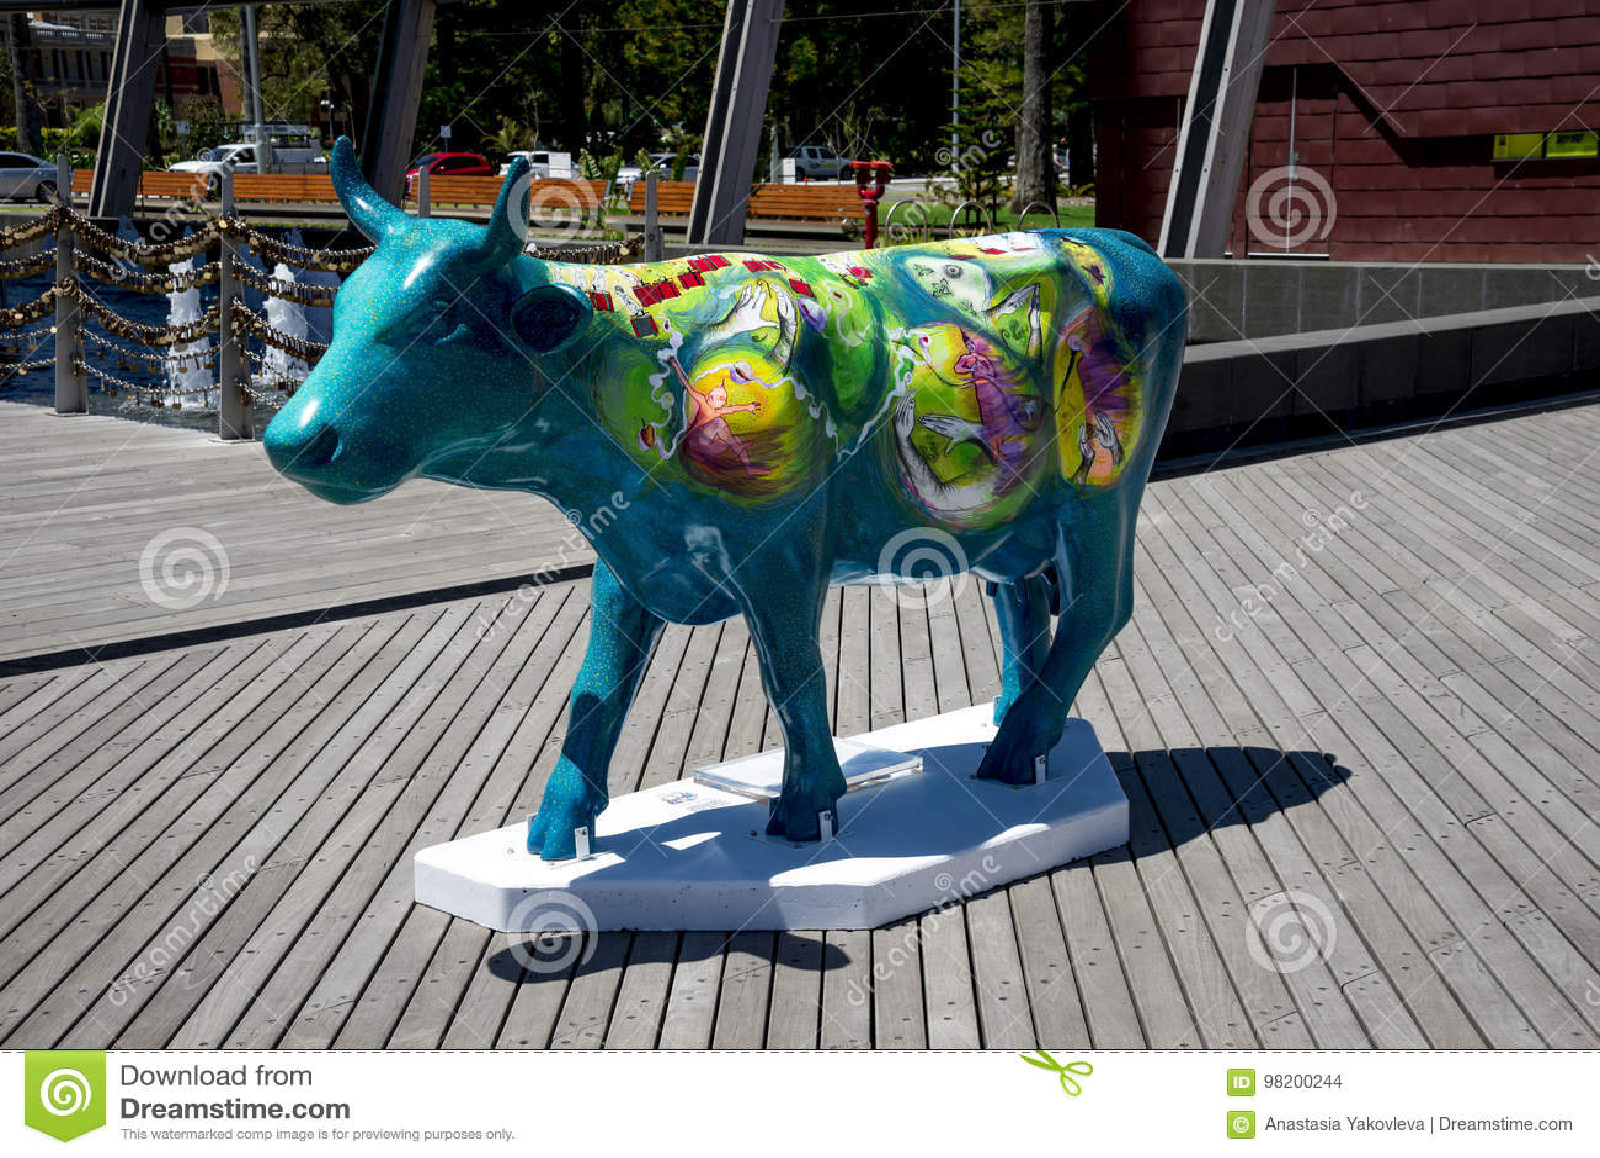 Download Красочная синь покрасила корову на набережной Элизабета в городе Перта как PA Редакционное Стоковое Изображение - изображение насчитывающей сыр, свет: 98200244